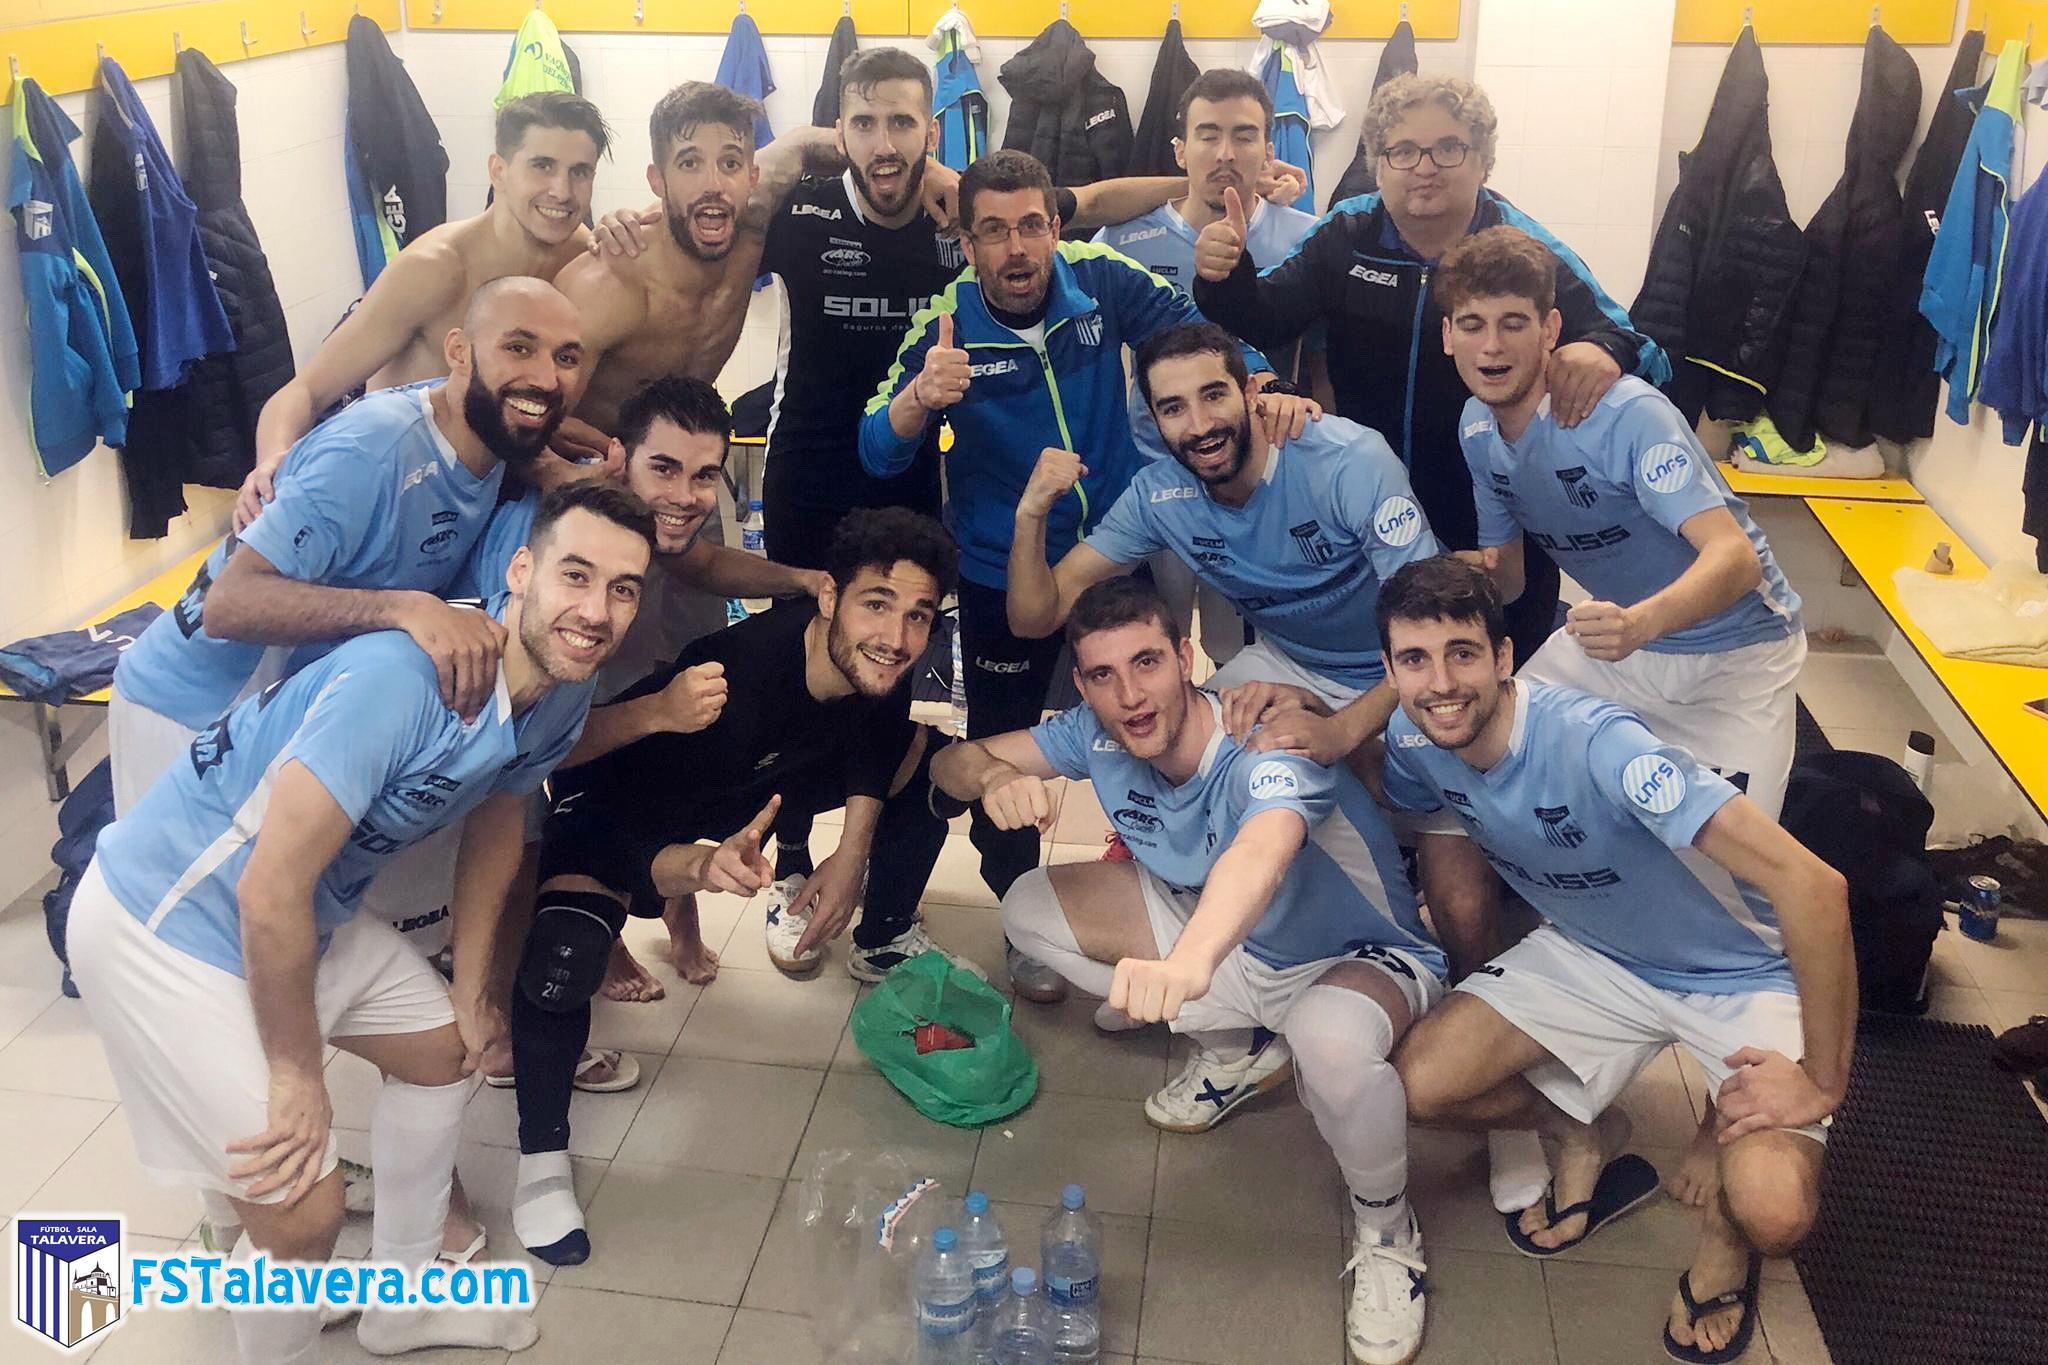 El Soliss FS Talavera vence al Otxartabe y avanza en la Copa del Rey - www.lavozdeltajo.com